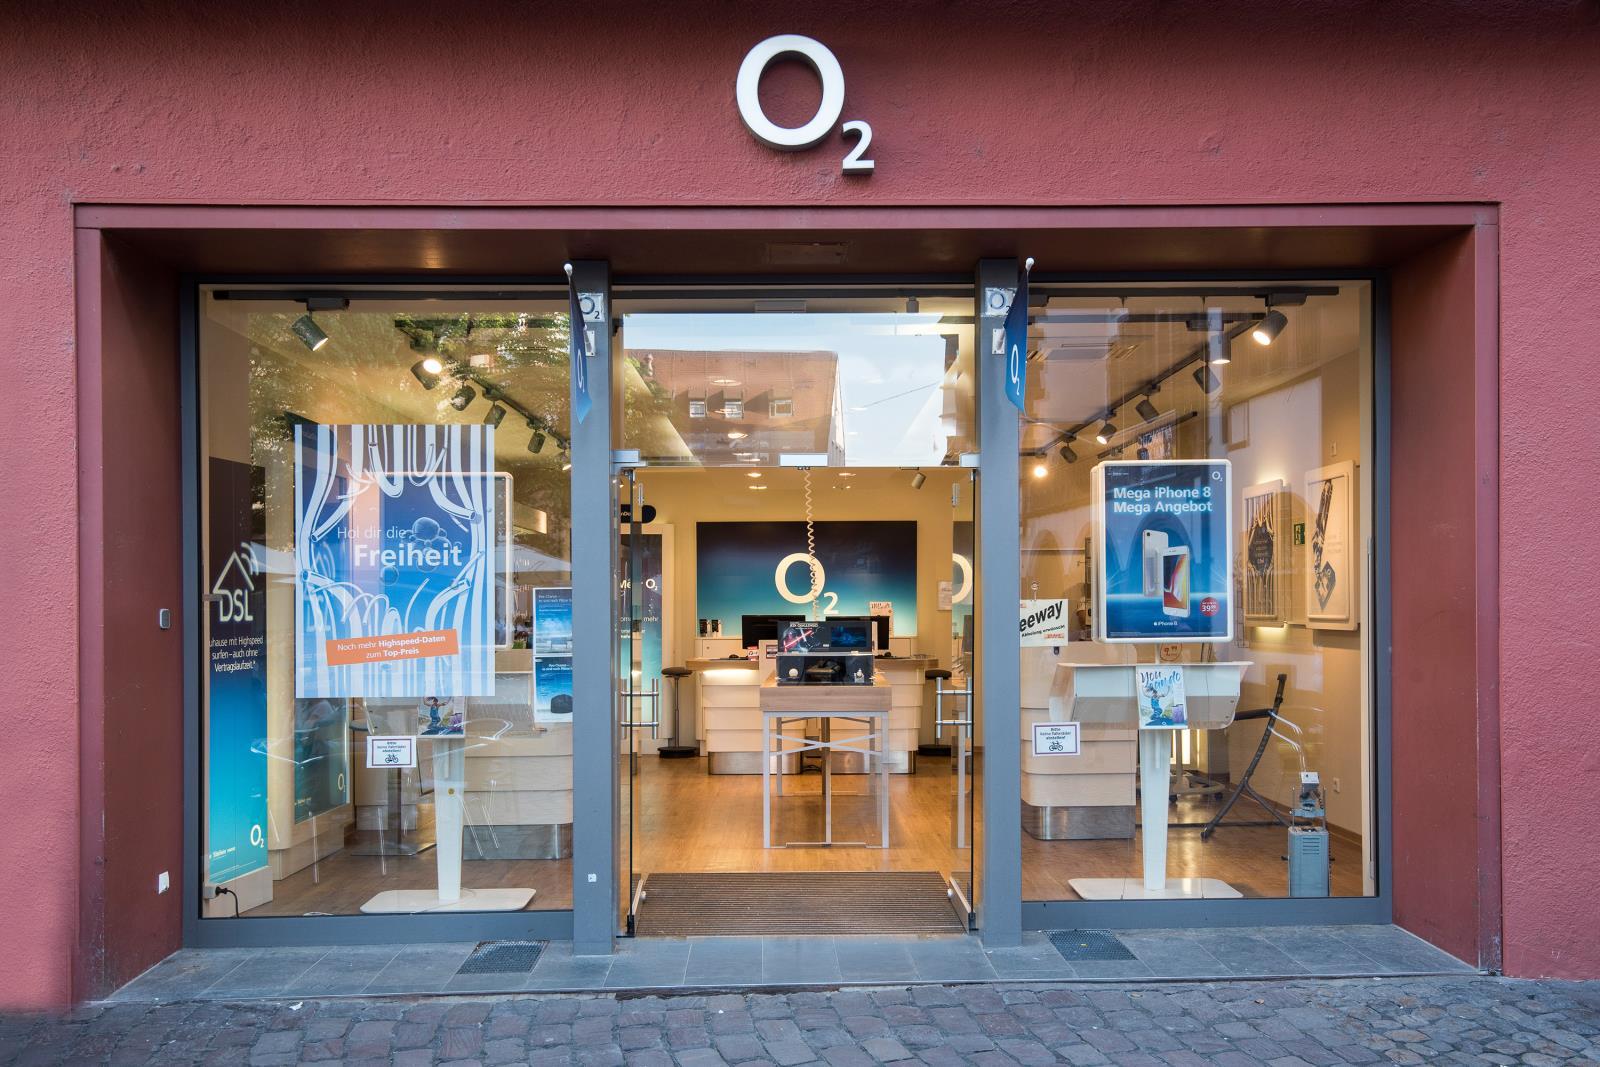 o2 Shop, Rathausgasse 12 in Freiburg im Breisgau